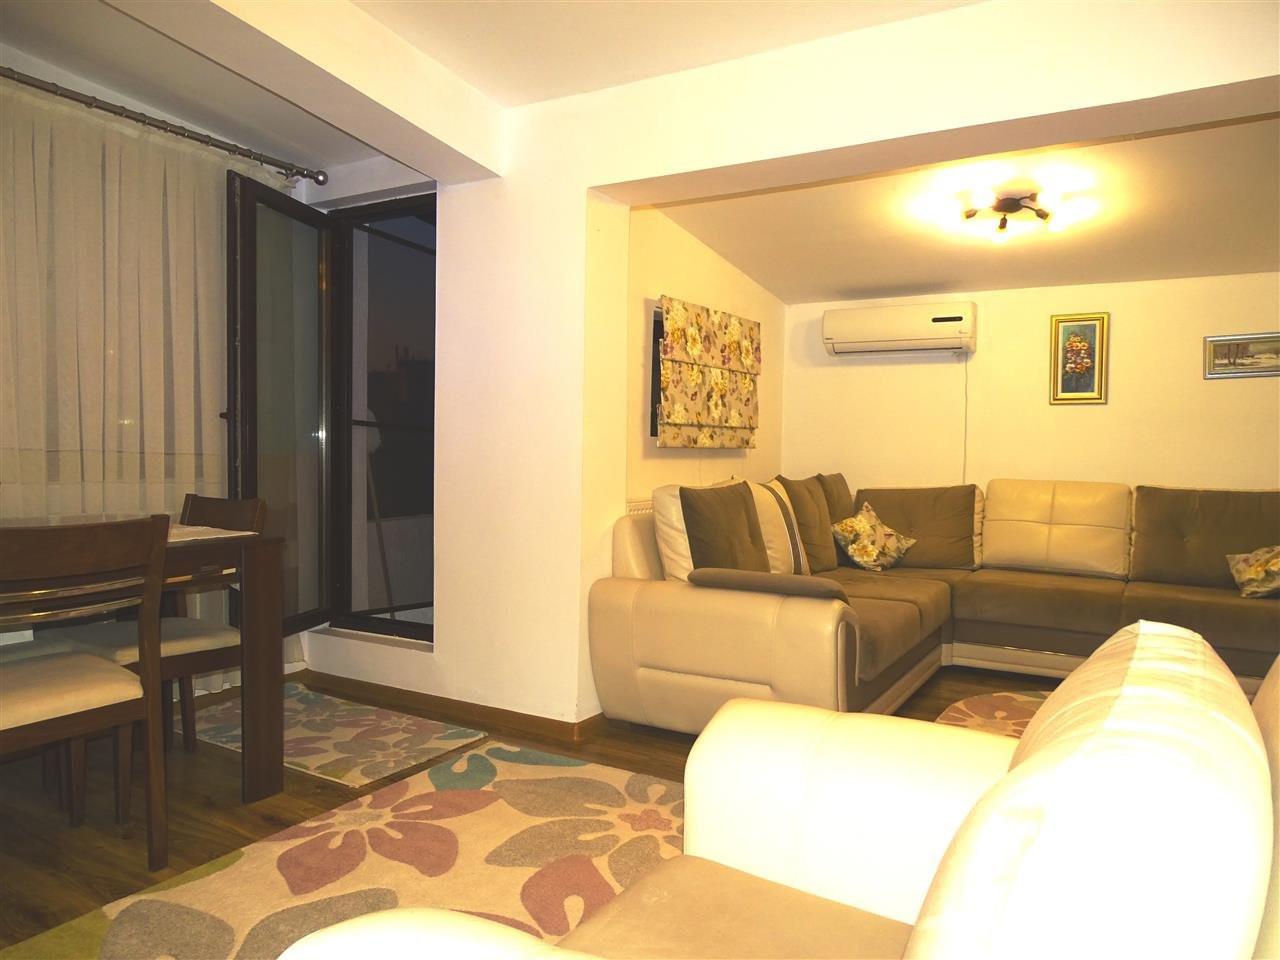 Cât mai costă să închiriezi un apartament sau o garsonieră în București. Veste bună pe piața chiriilor (sigur, depinde pe ce parte a chiriei te afli)